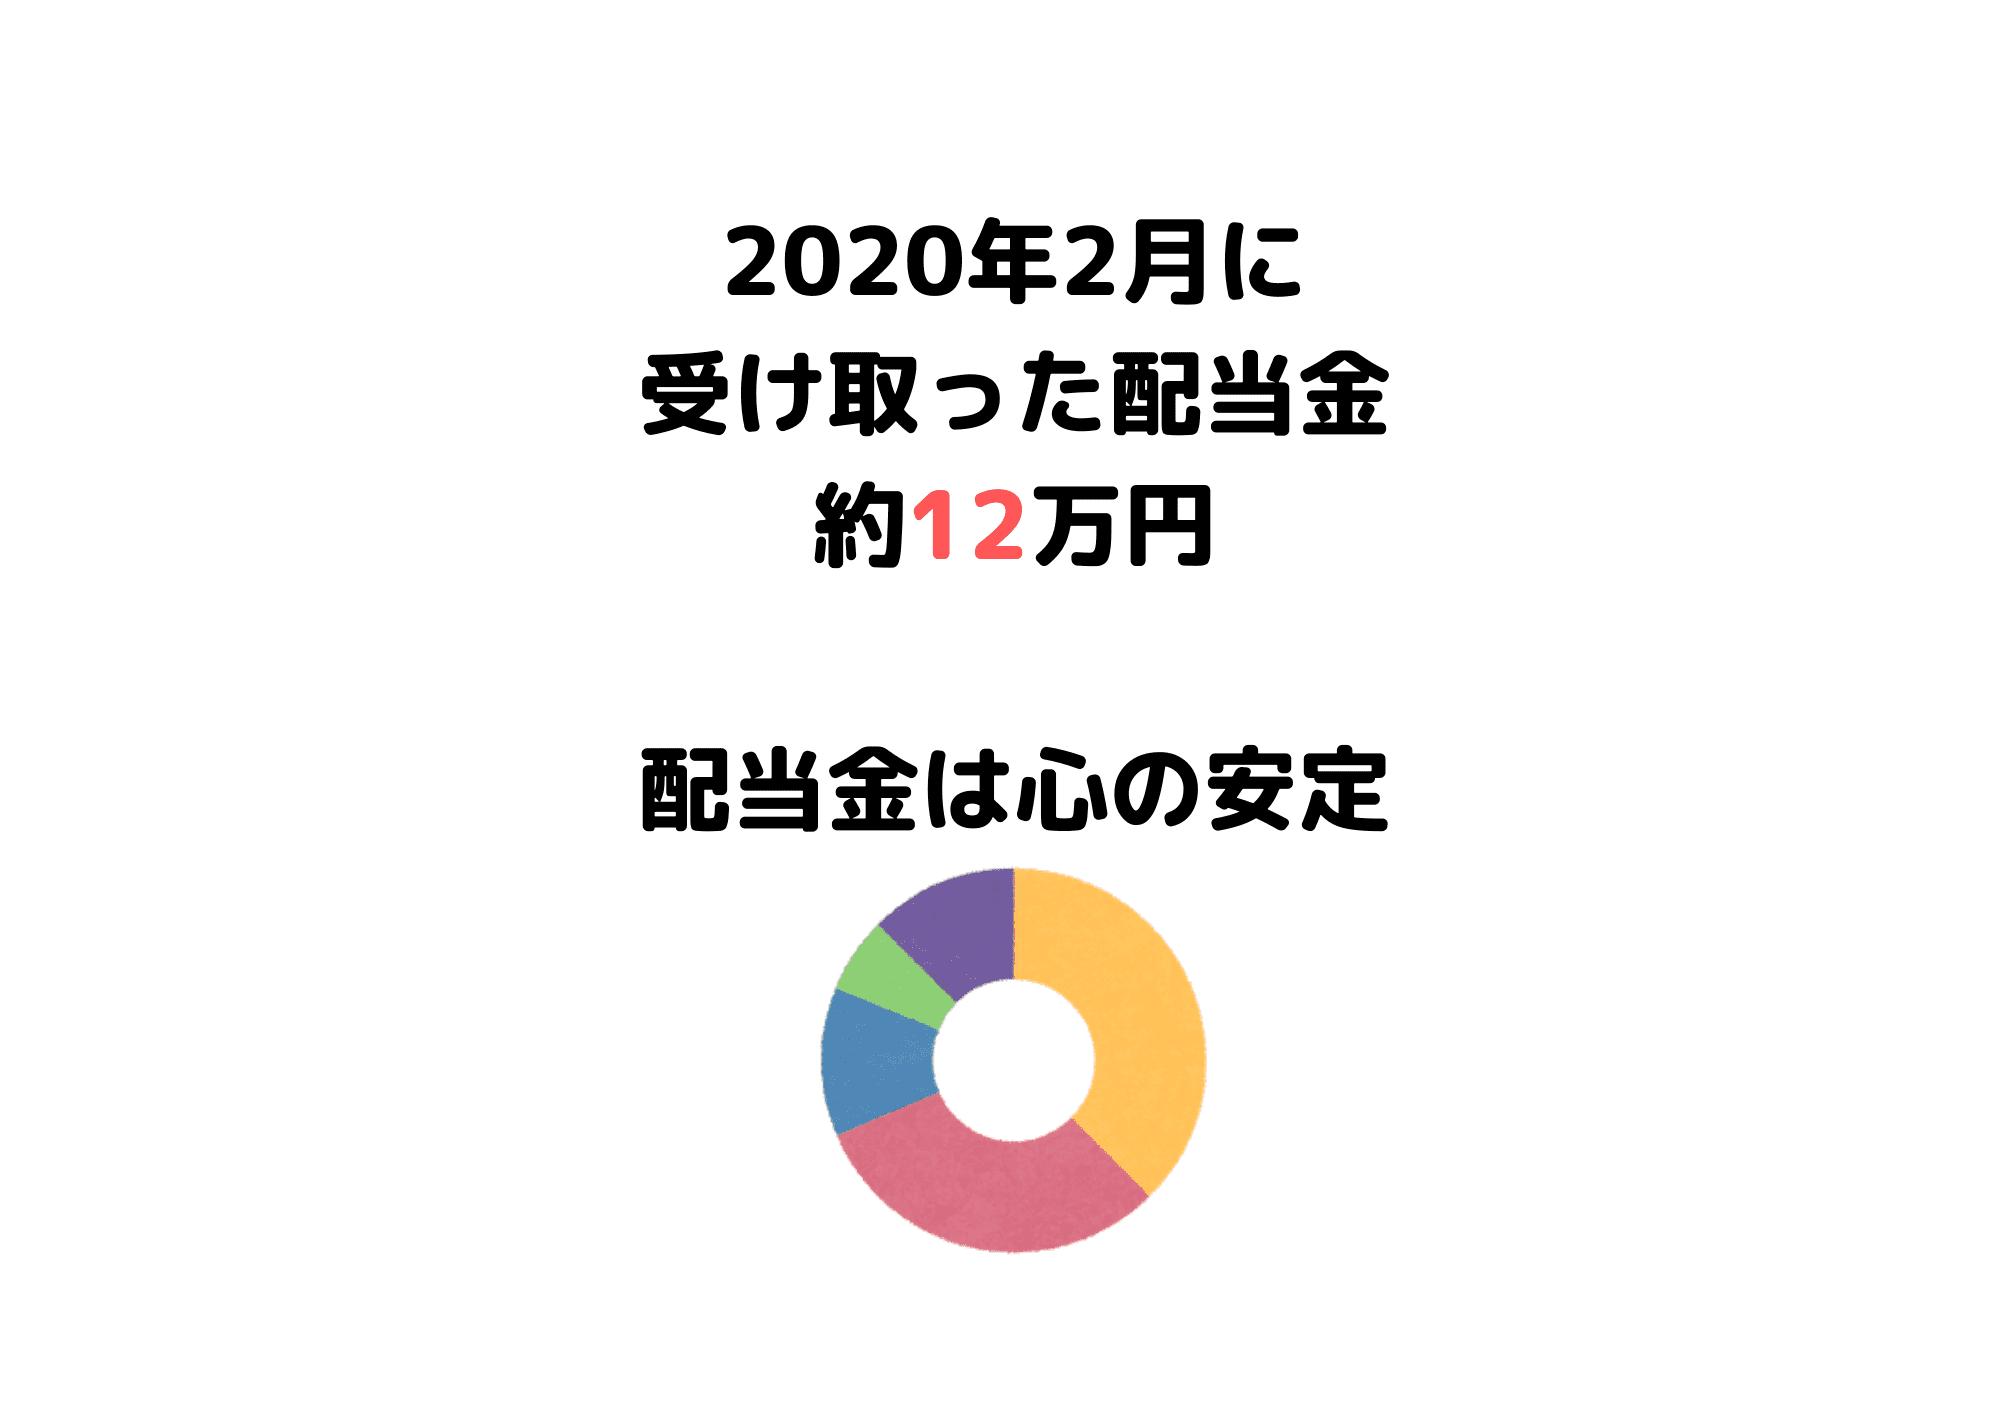 2020年2月配当金受取 (1)